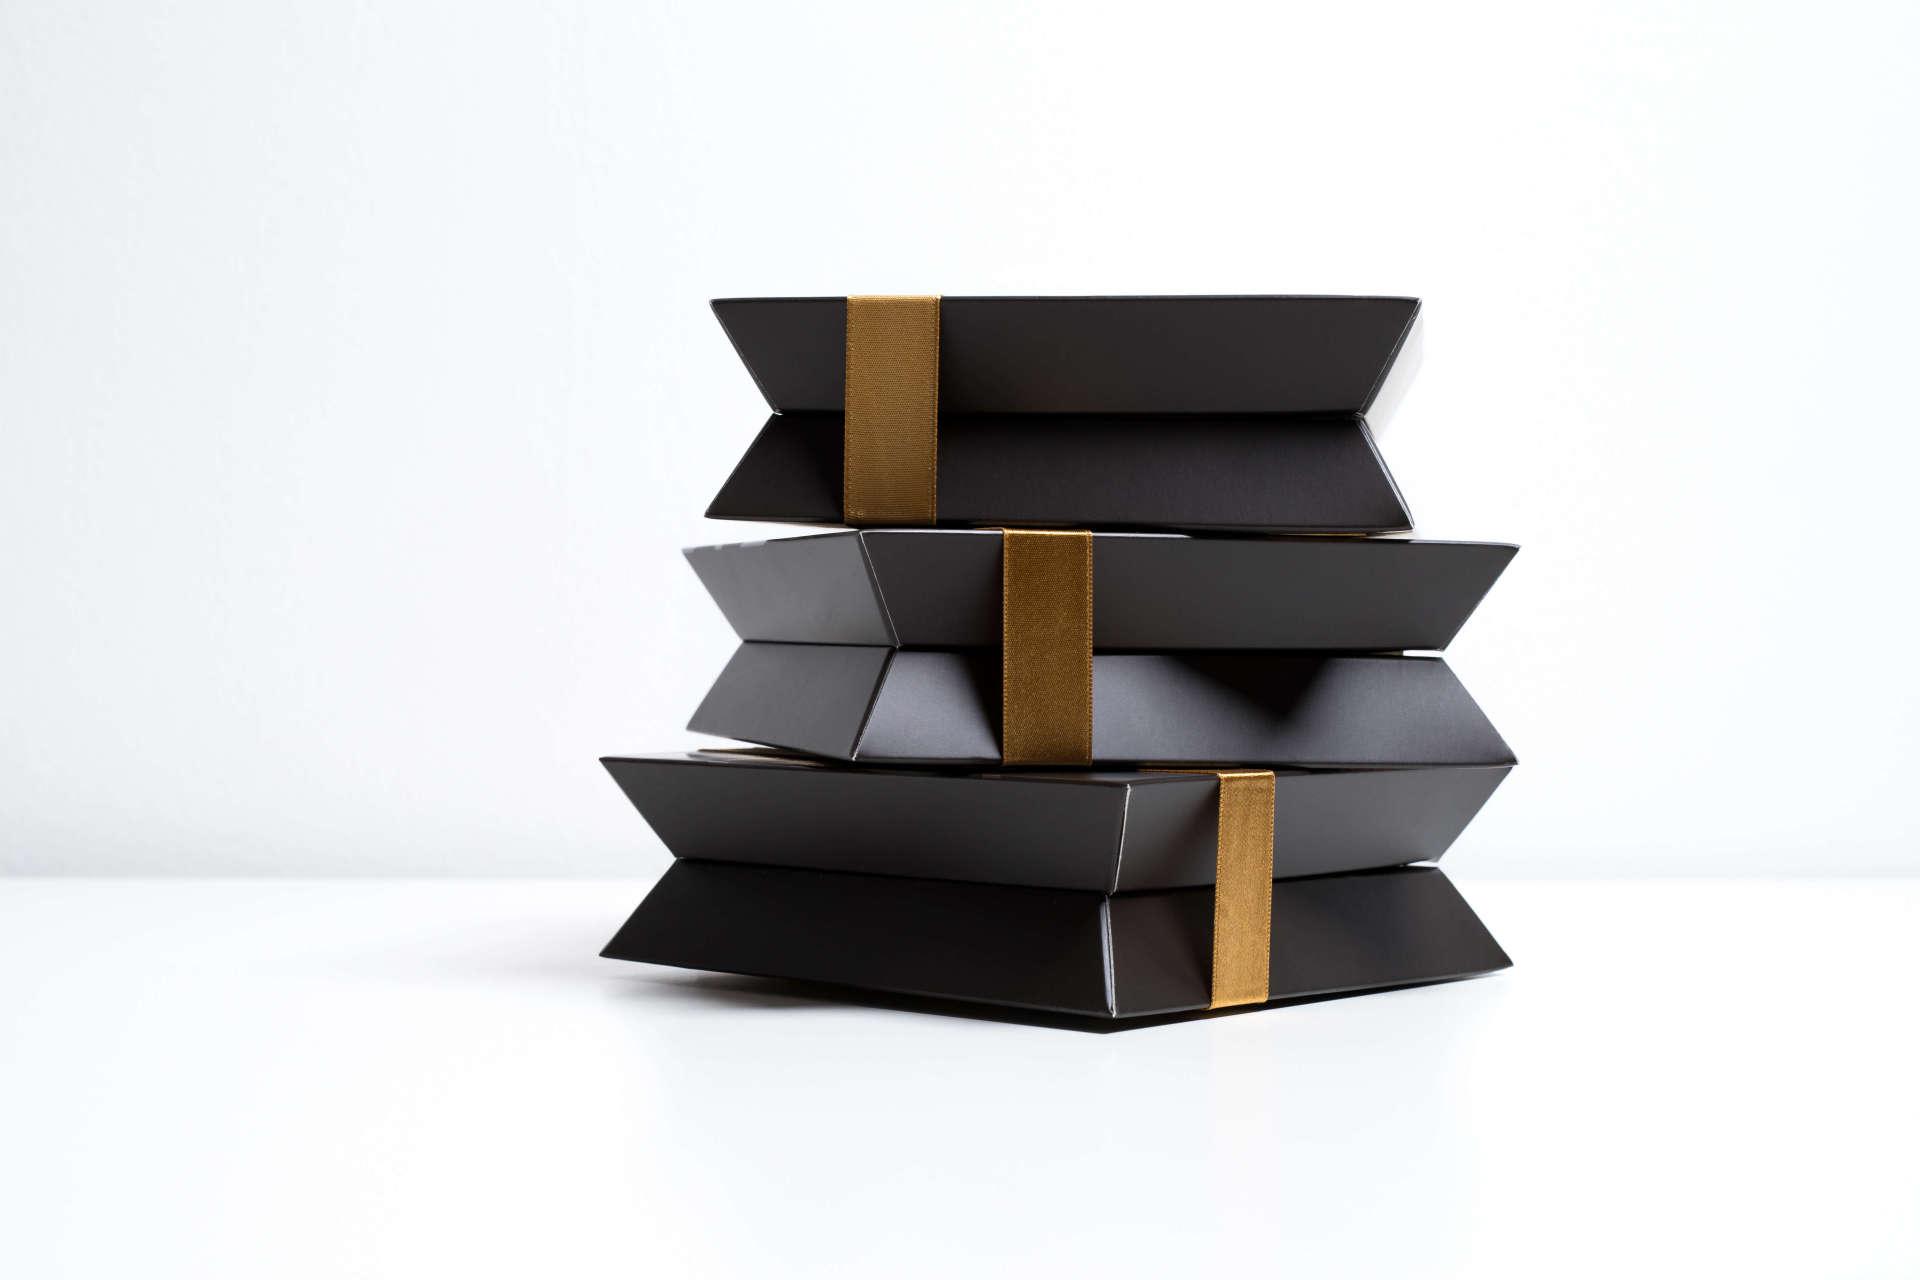 BAROCCO kézműves csokoládé csomagolás tervezés